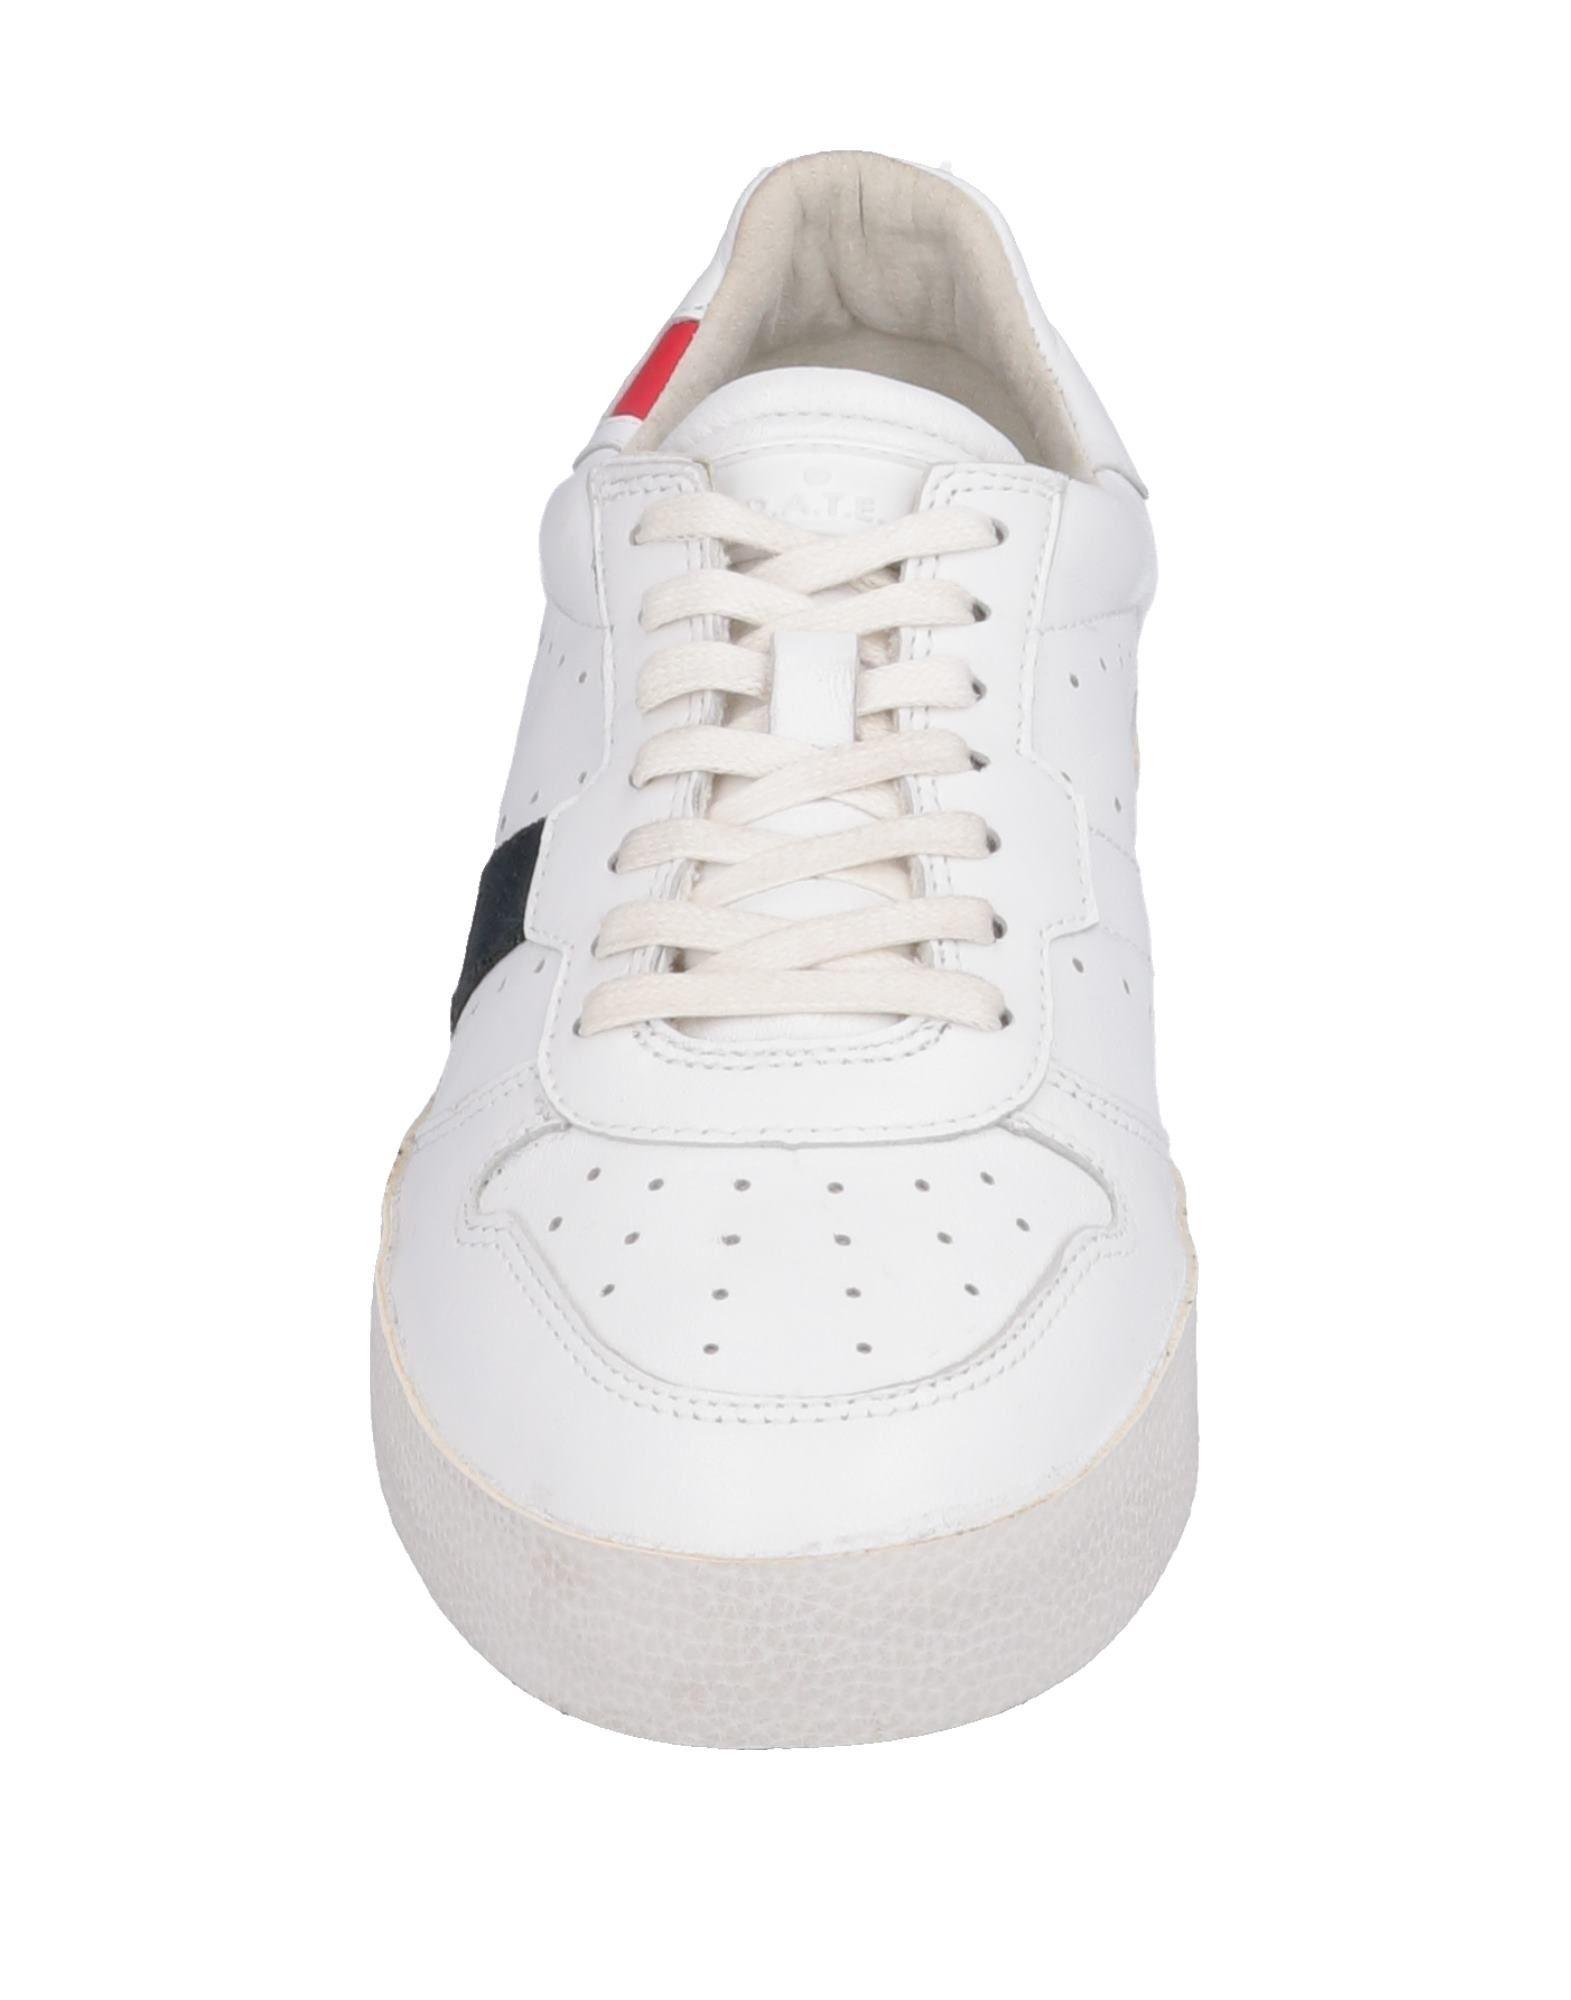 Rabatt D.A.T.E. echte Schuhe D.A.T.E. Rabatt Sneakers Herren  11555097TE 91d821